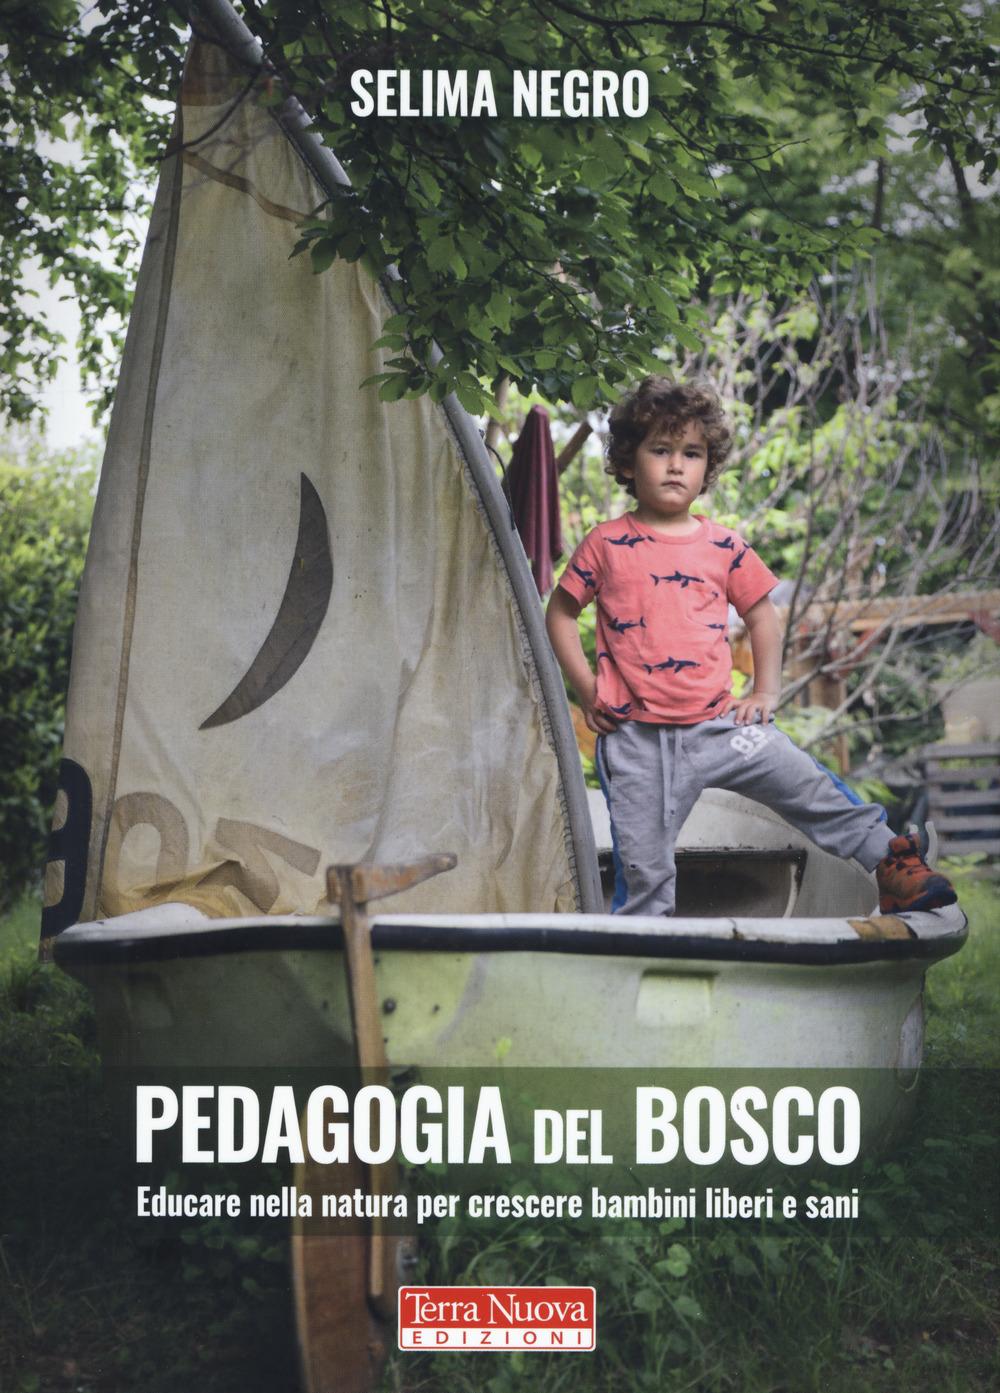 Pedagogia del bosco. Educare nella natura per crescere bambini liberi e sani